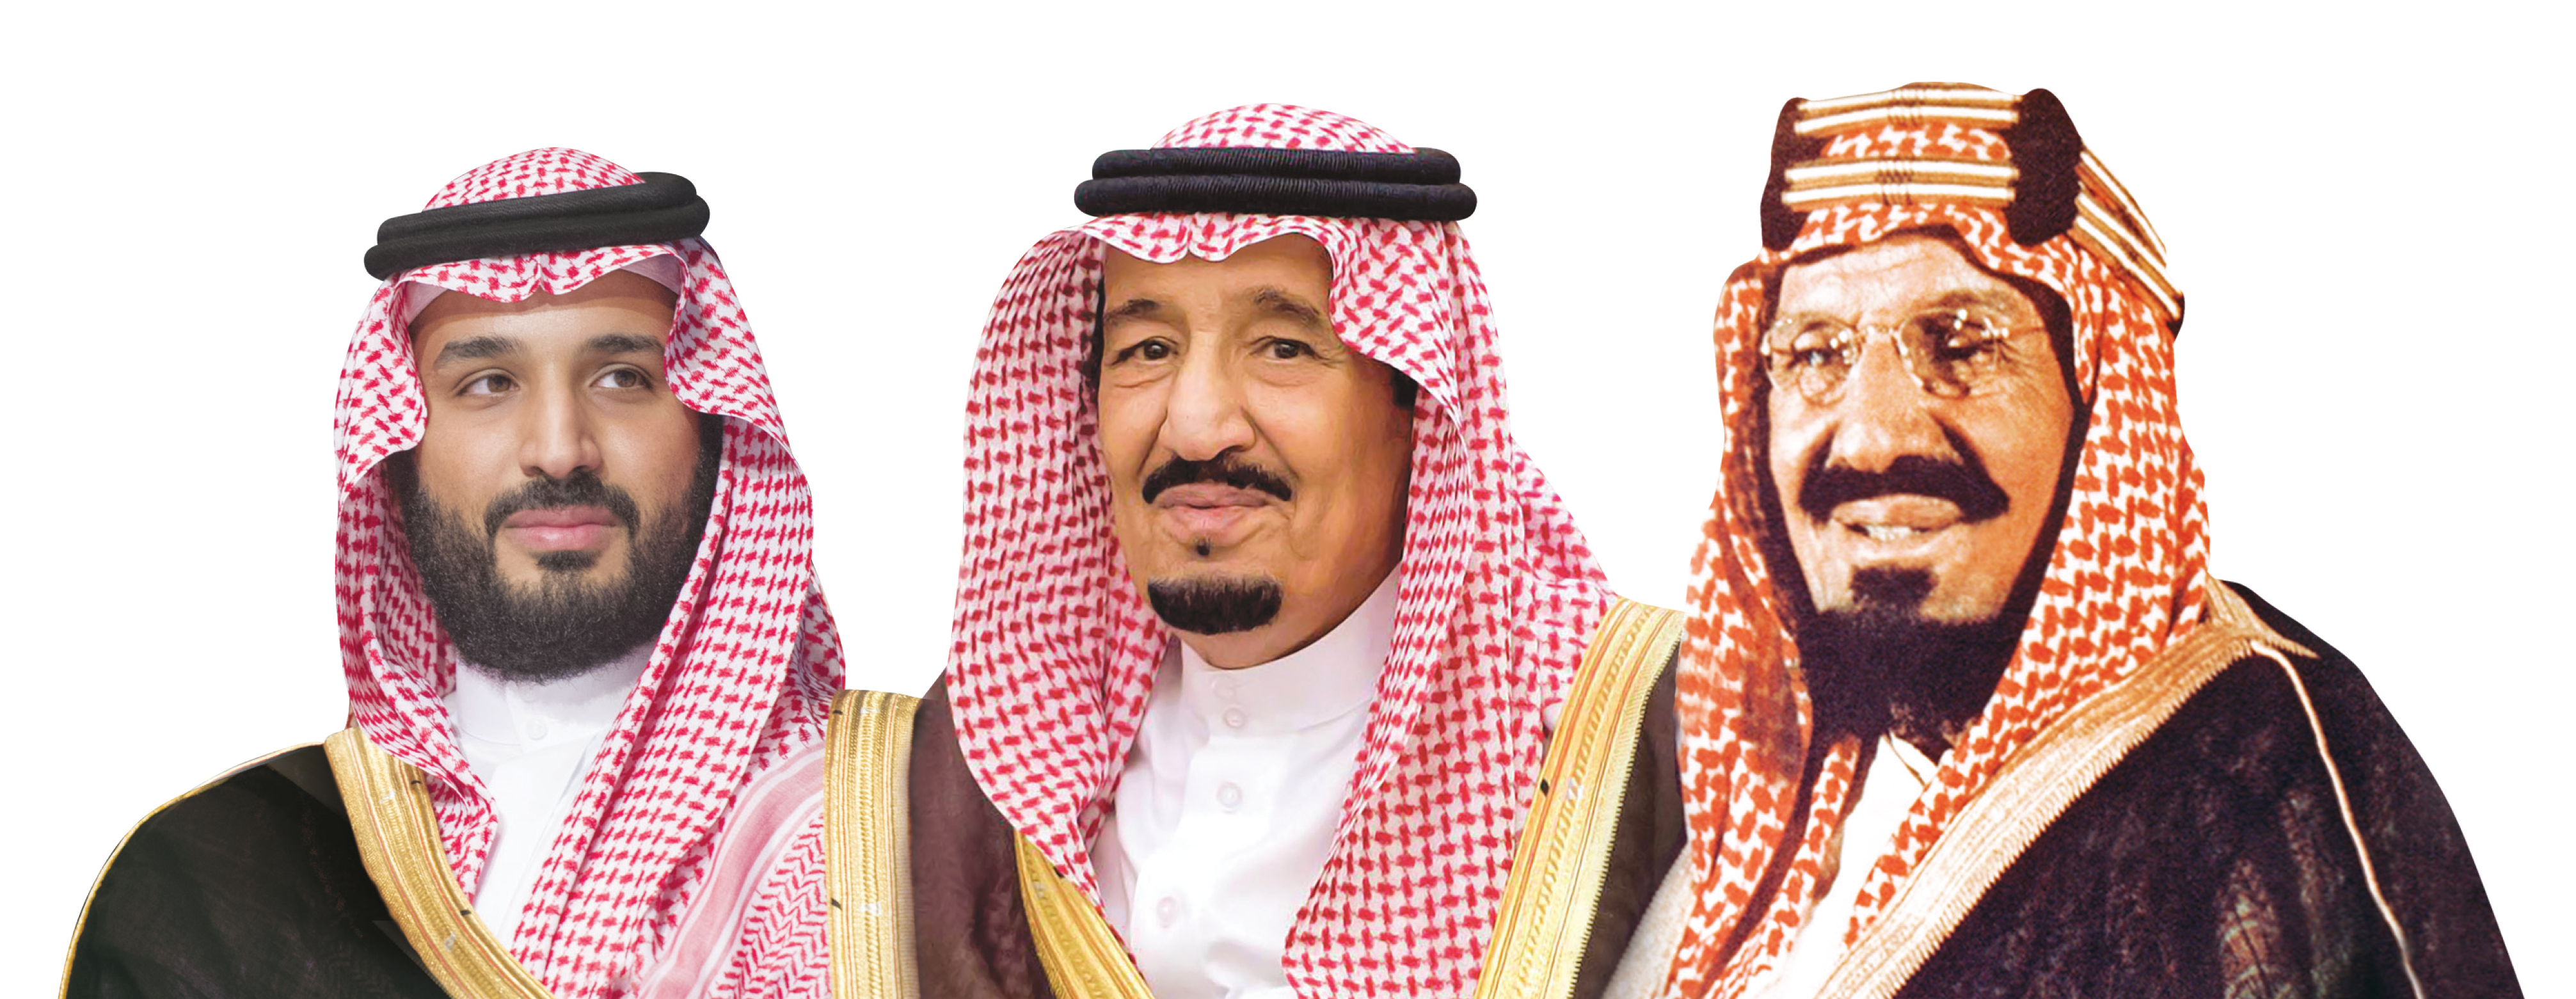 صور الملك سلمان بن عبدالعزيز ال سعود Png دقة عالية موقع محتويات